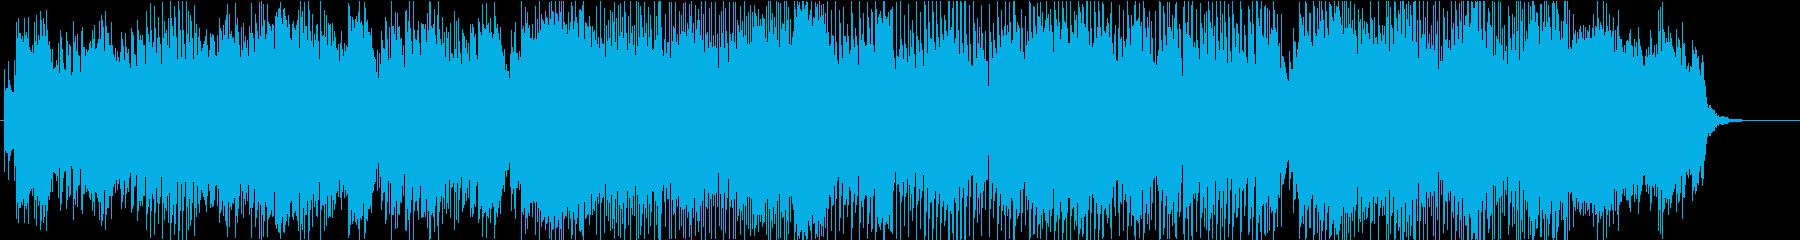 アンビエントで幻想的 不思議 浮遊感の再生済みの波形